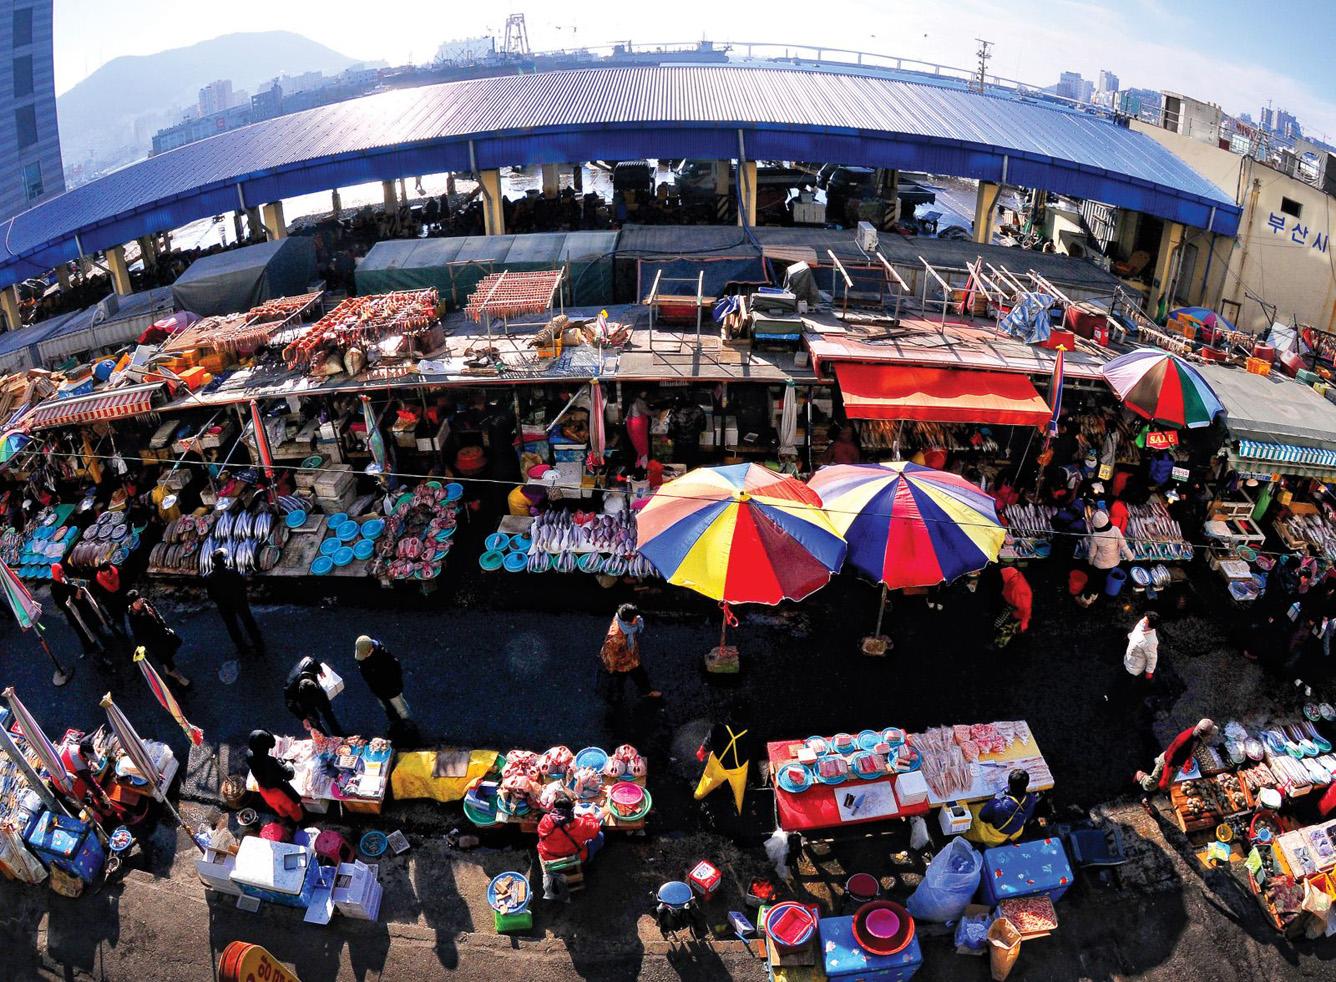 Độc đáo chợ hải sản Busan, Hàn Quốc